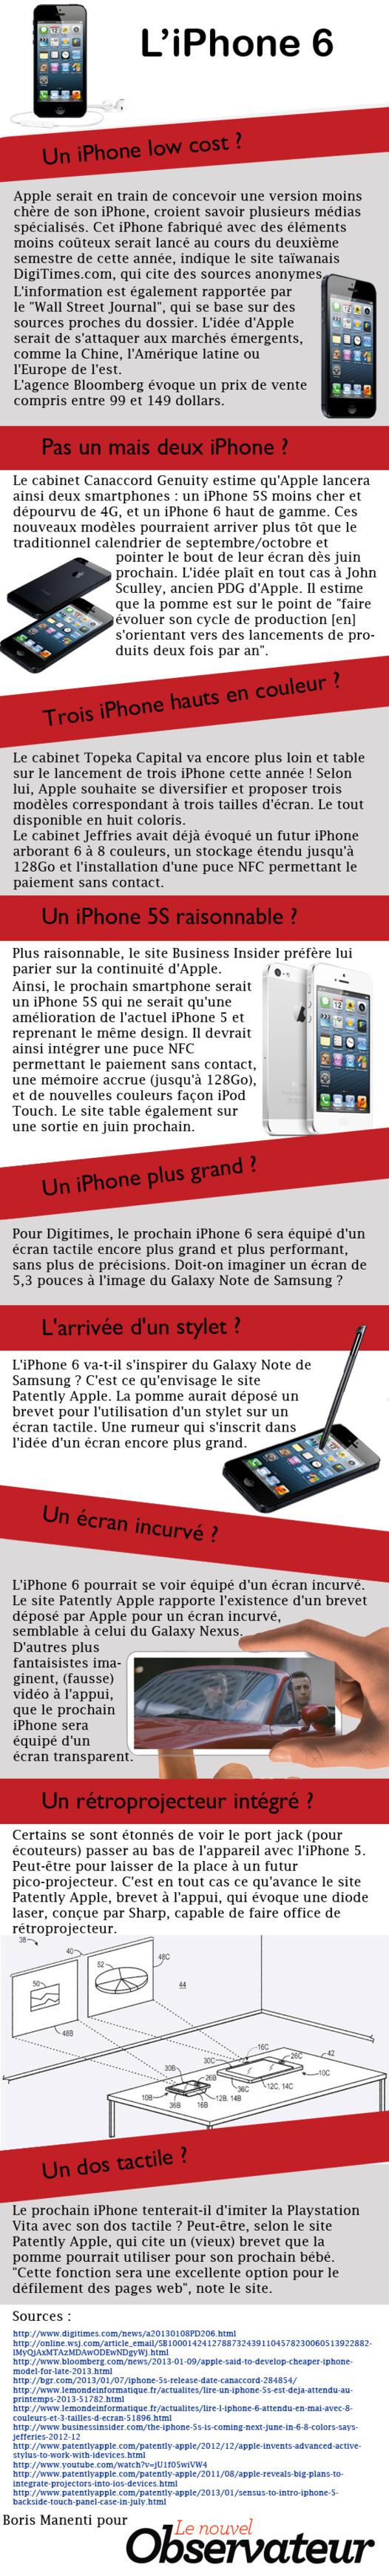 iPhone 5S ou iPhone 6 - Que pouvons nous attendre d'Apple